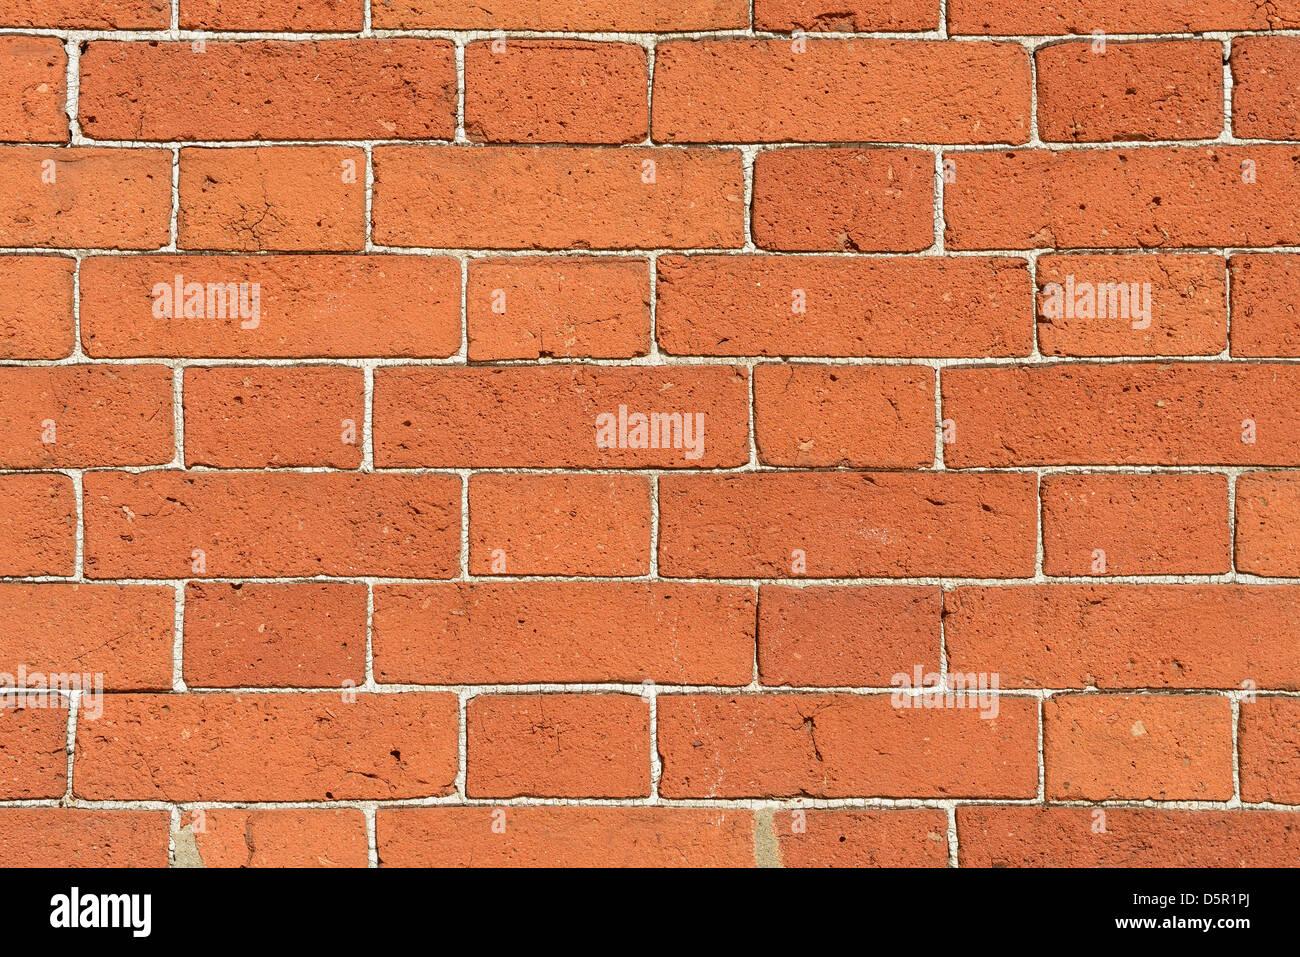 Dettaglio di un muro di mattoni con molto sottili linee di malta Immagini Stock